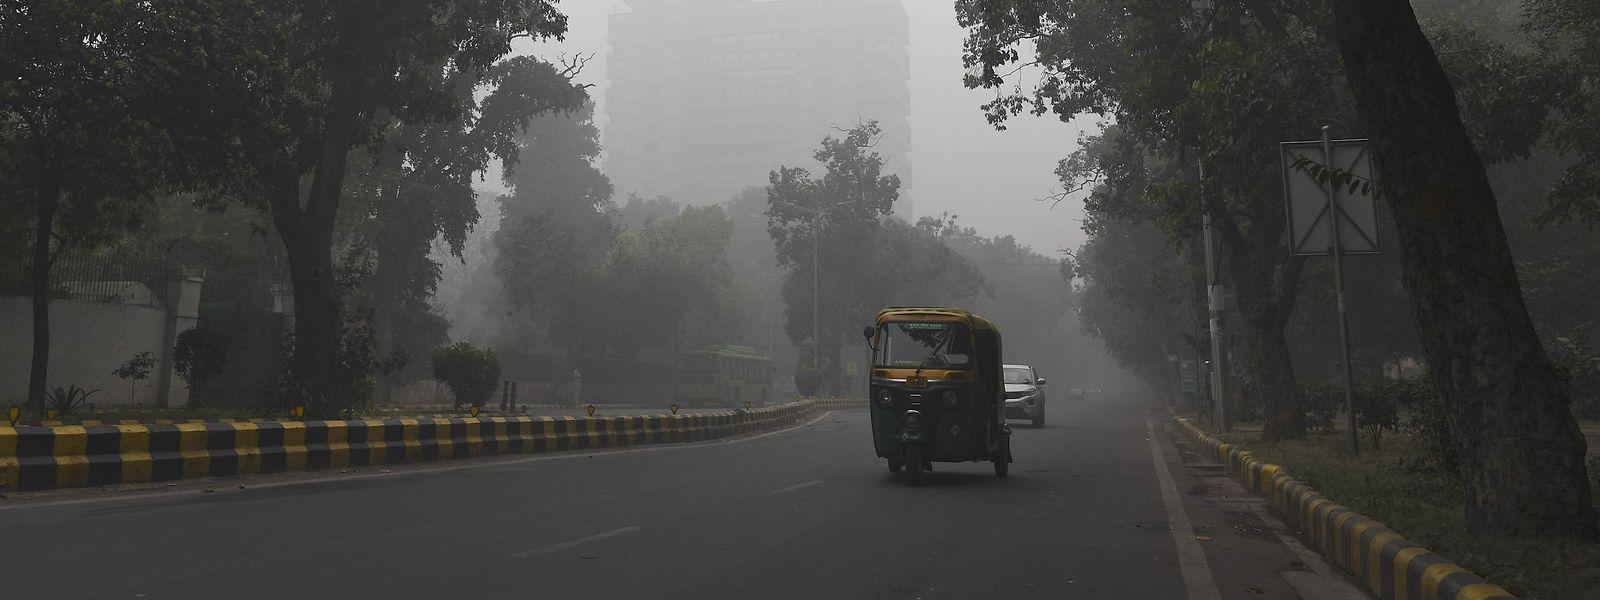 Indiens Hauptstadt New Delhi versinkt im Smog.